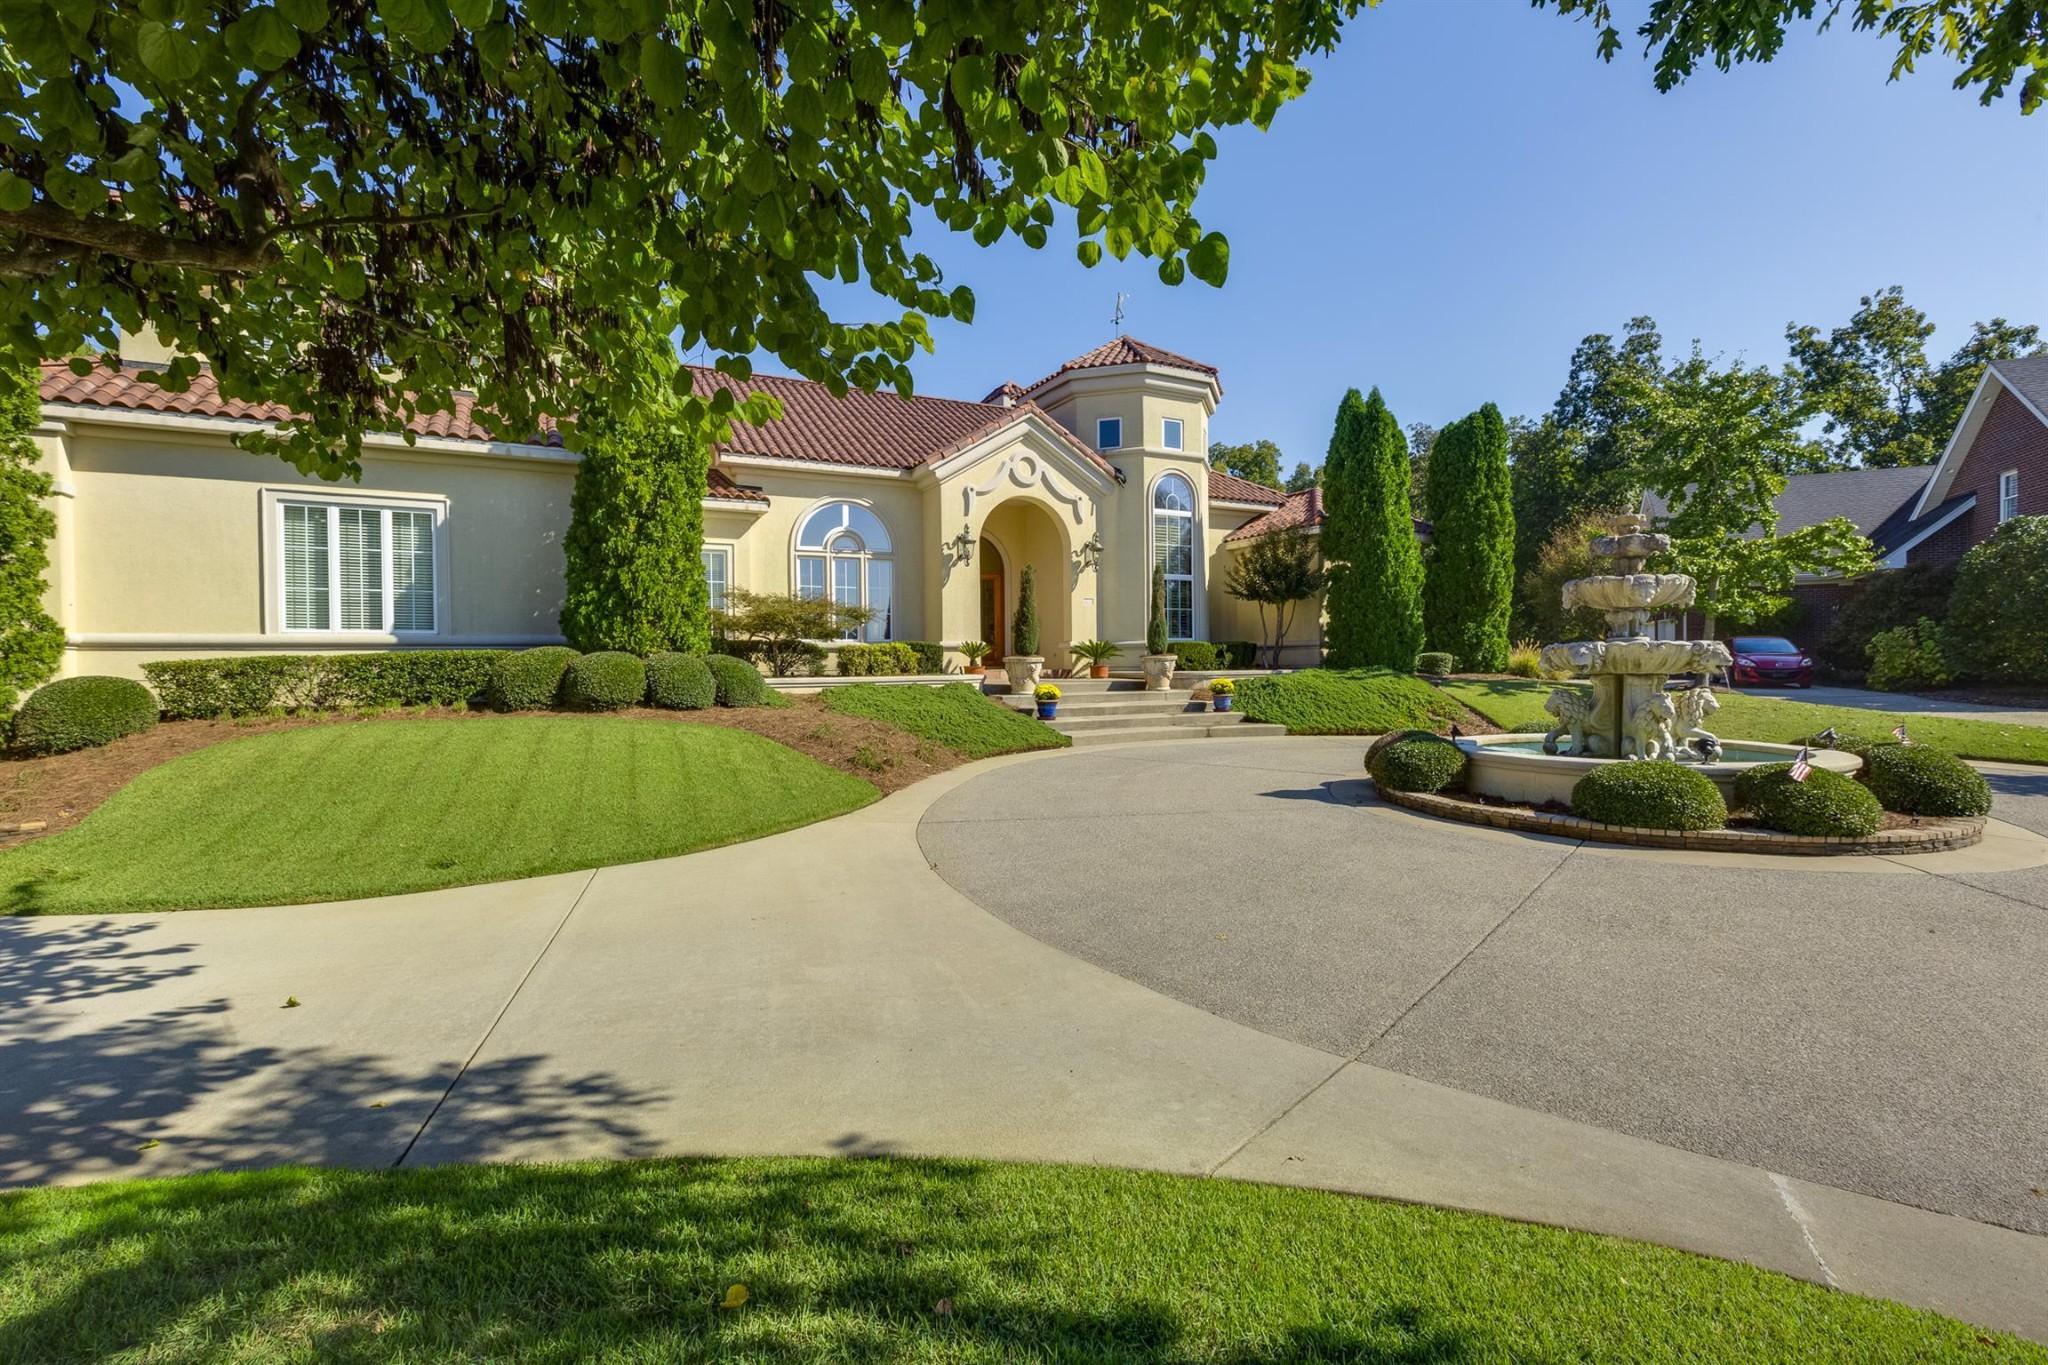 519 Glenway Cv Property Photo